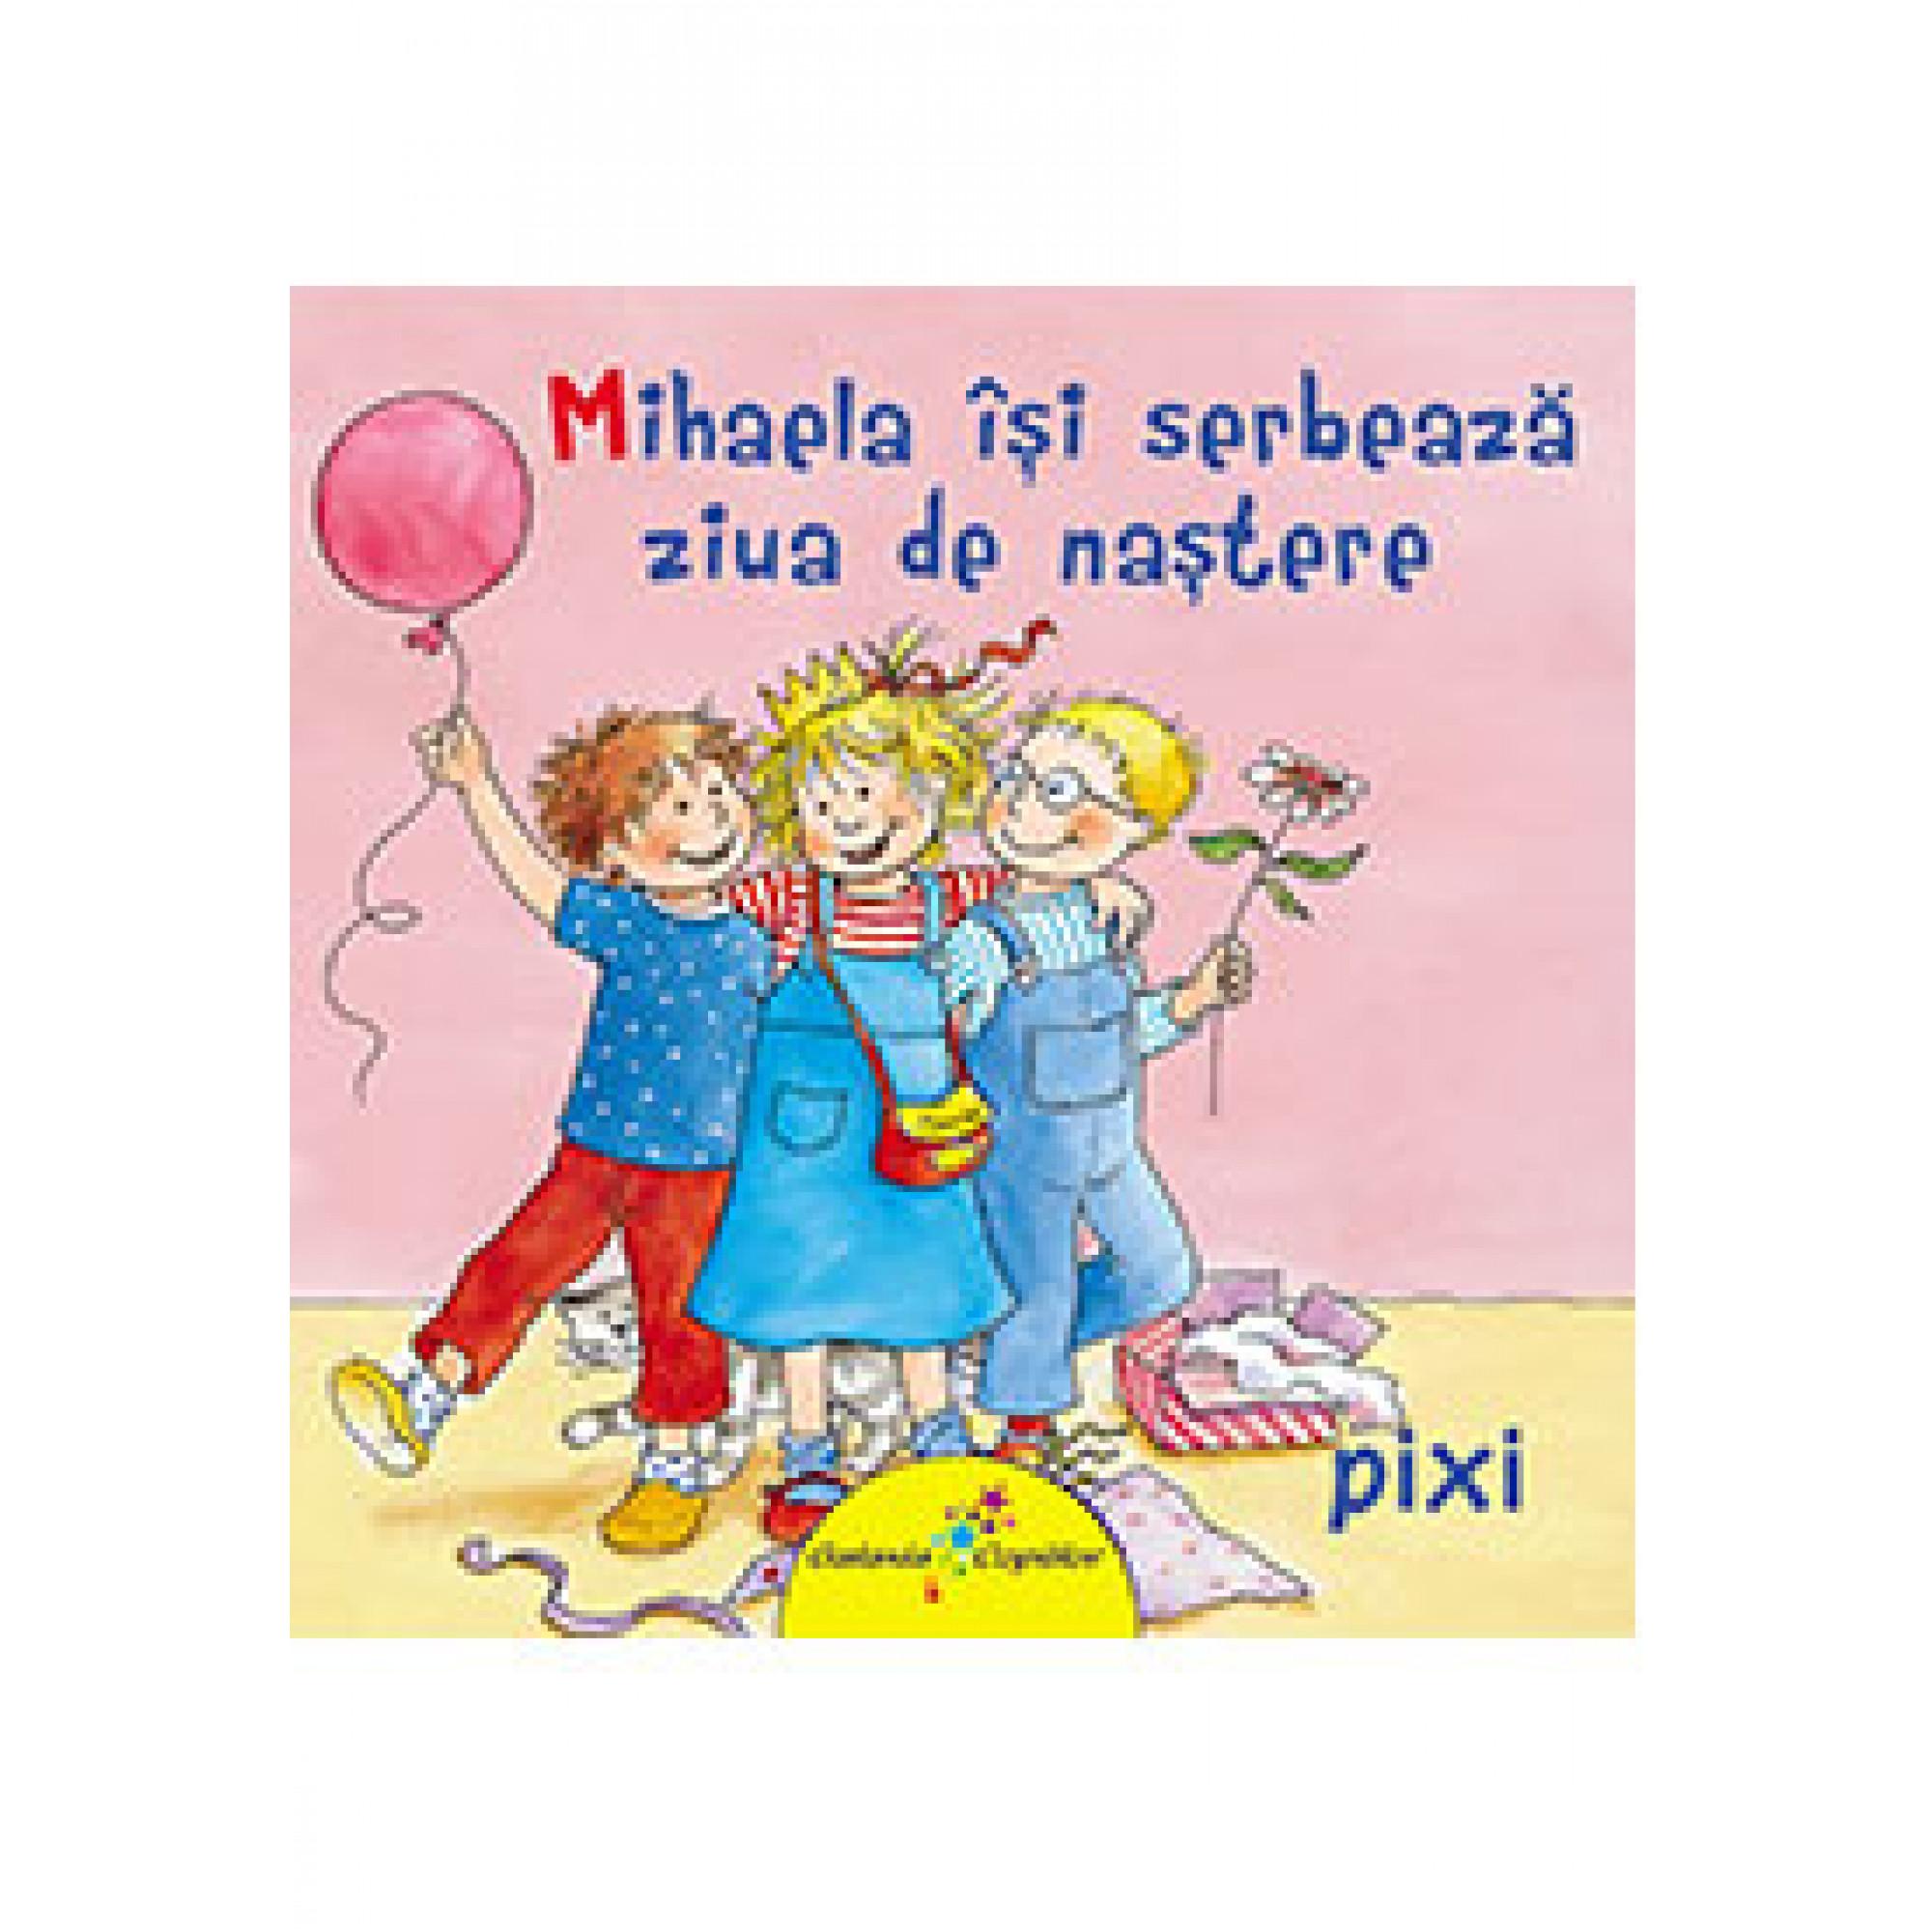 Mihaela își serbează ziua de naștere; Liane Schneider